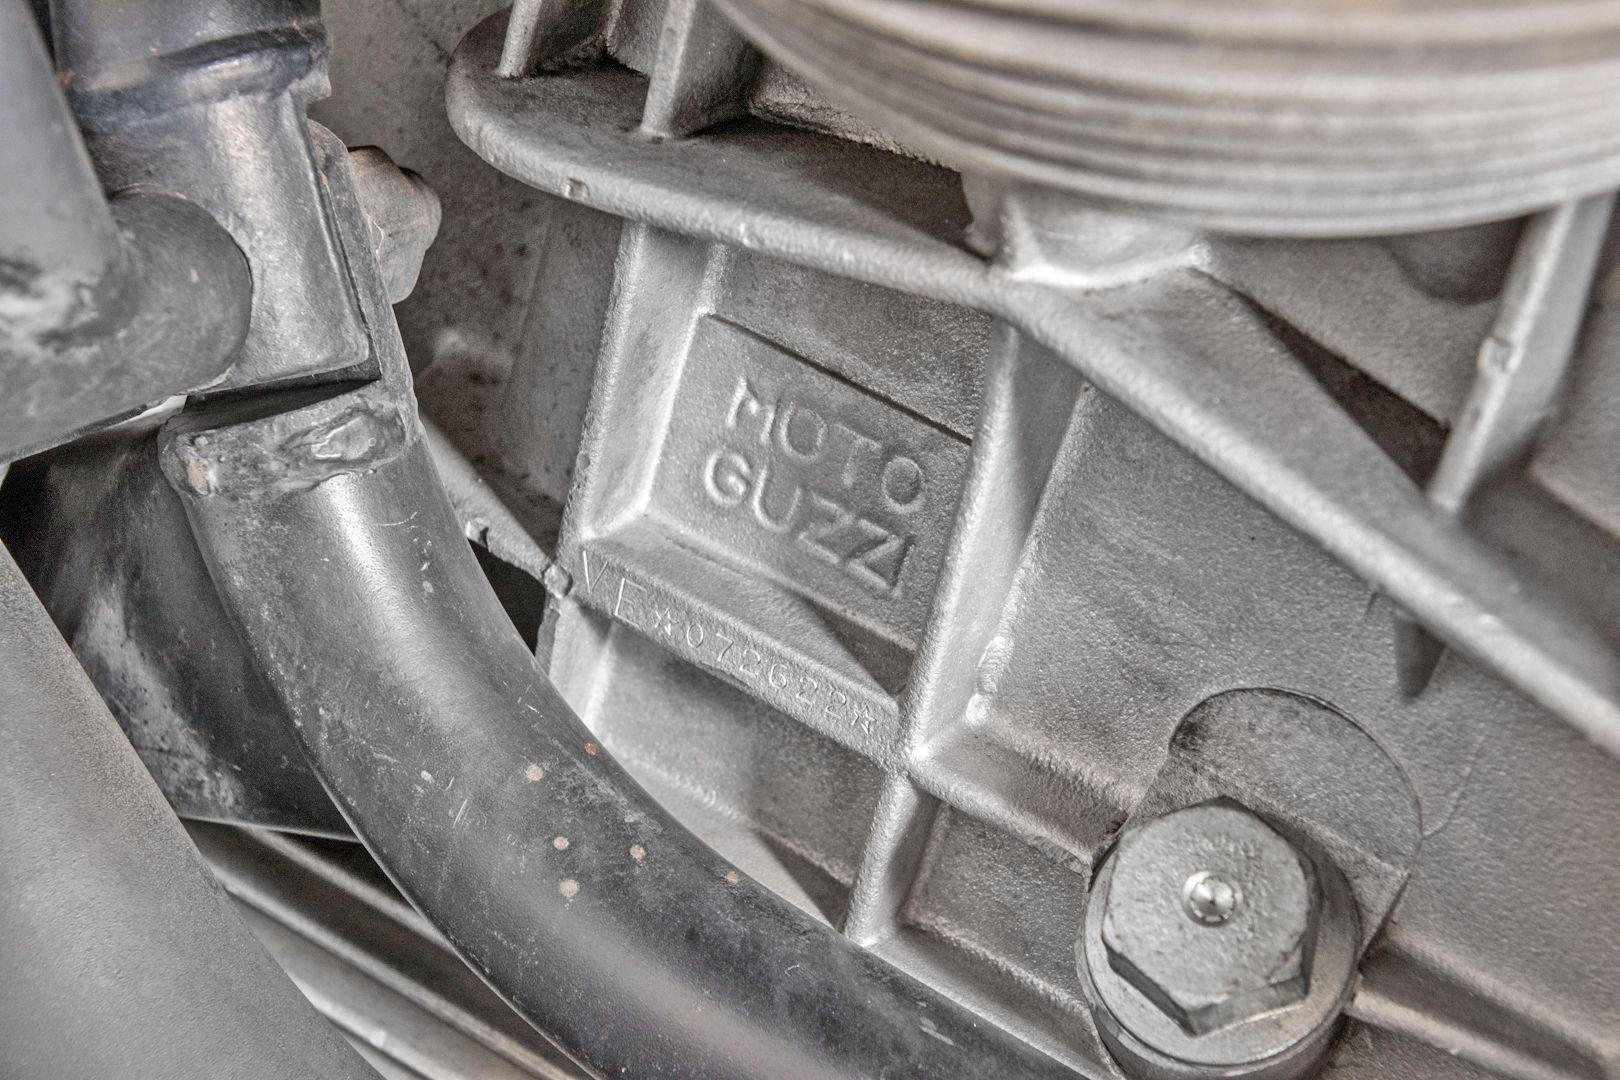 1977 Moto Guzzi Le Mans VE 850 41853